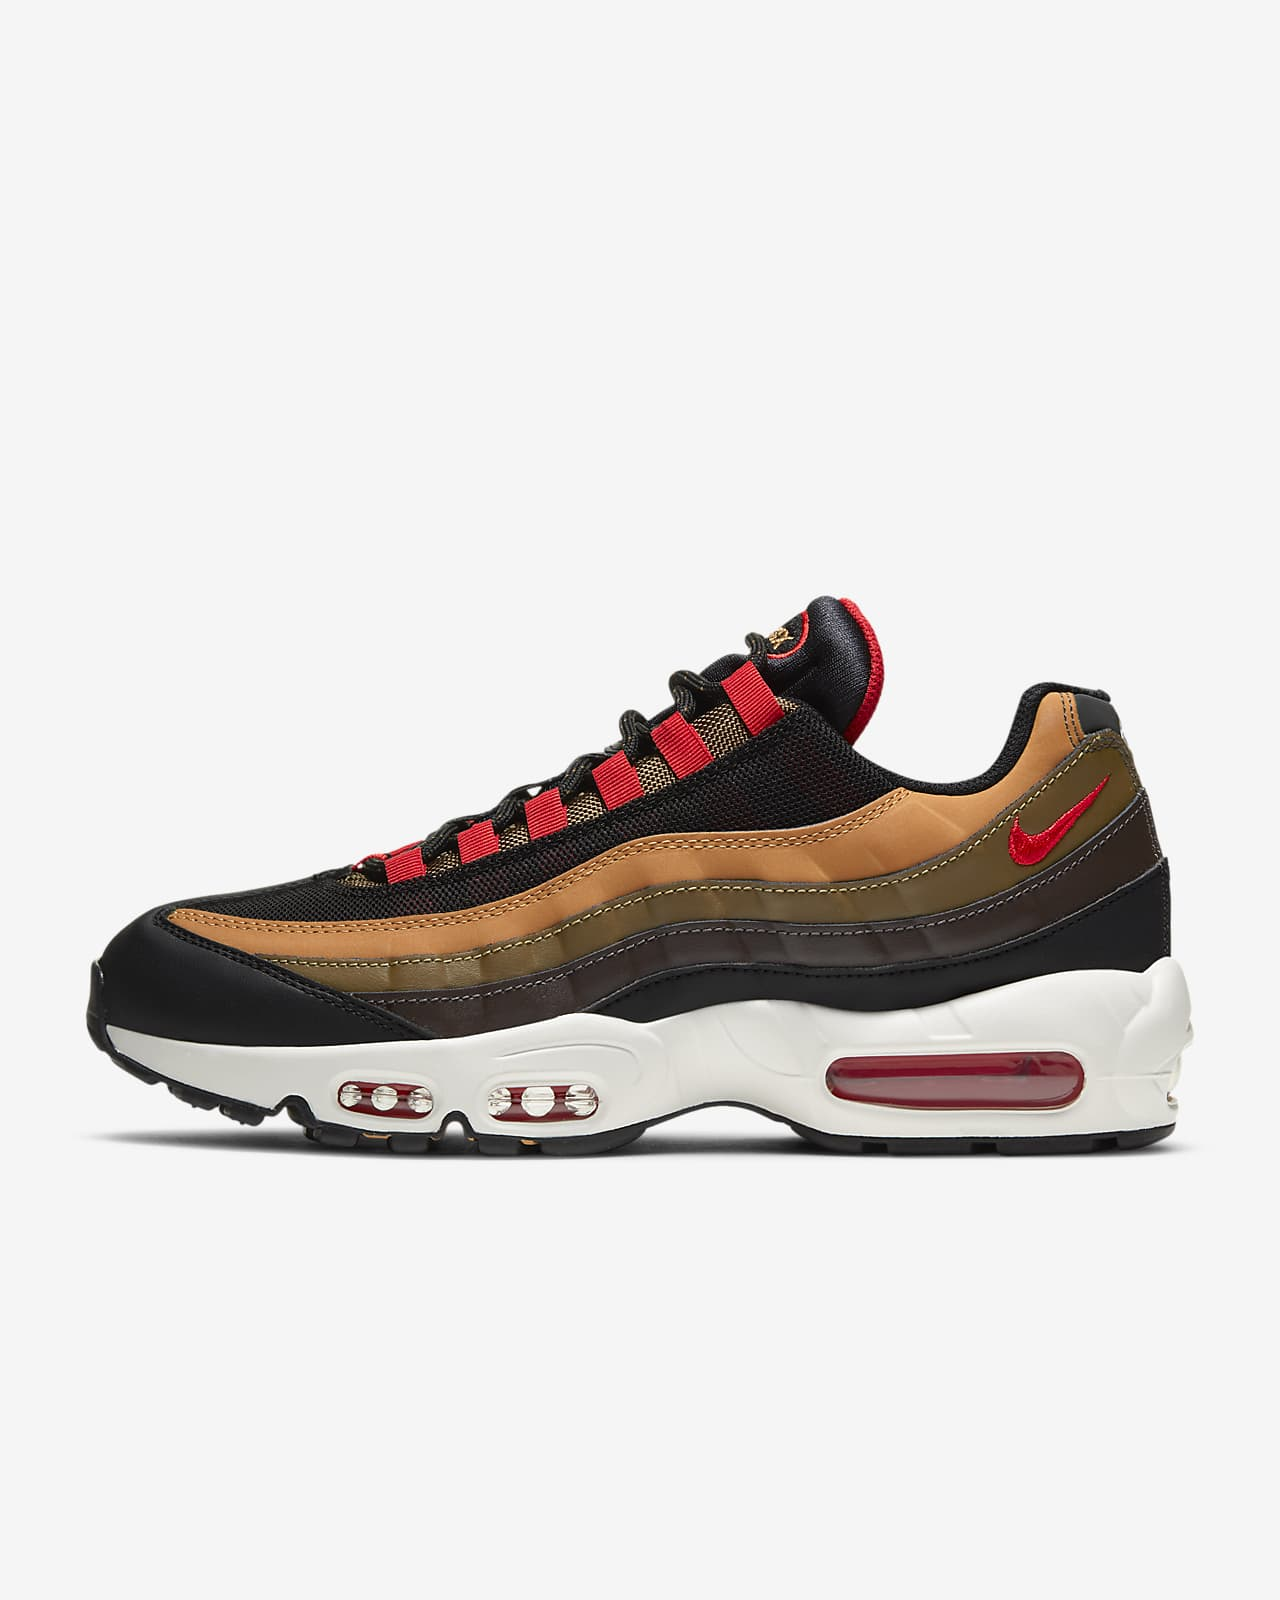 รองเท้าผู้ชาย Nike Air Max 95 Essential